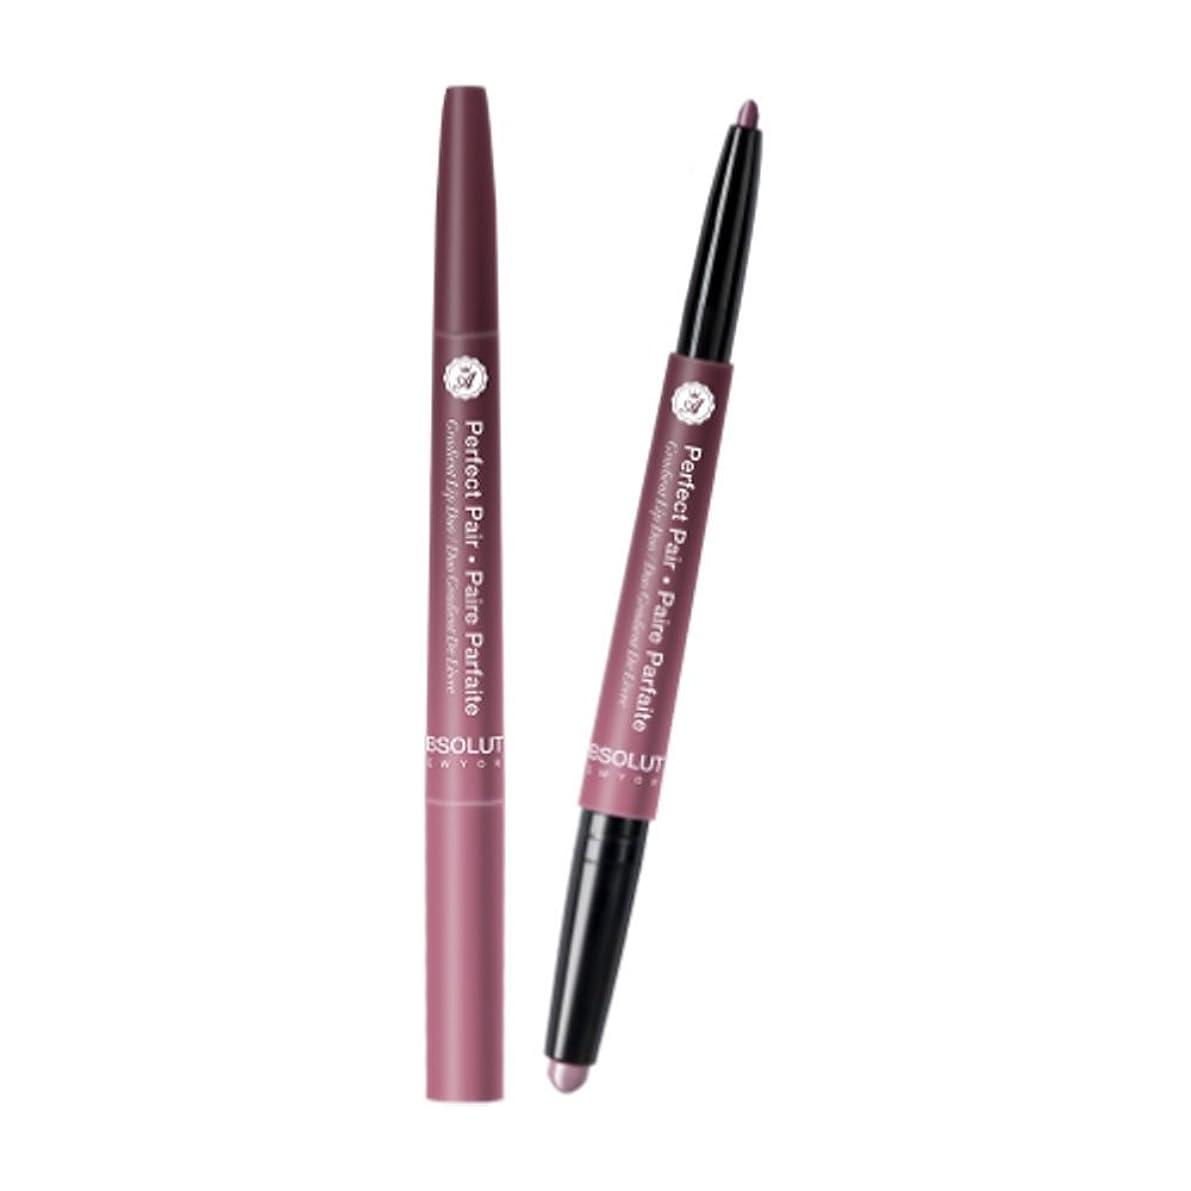 リブ重さ深さABSOLUTE Perfect Pair Lip Duo - Rose Wood (並行輸入品)